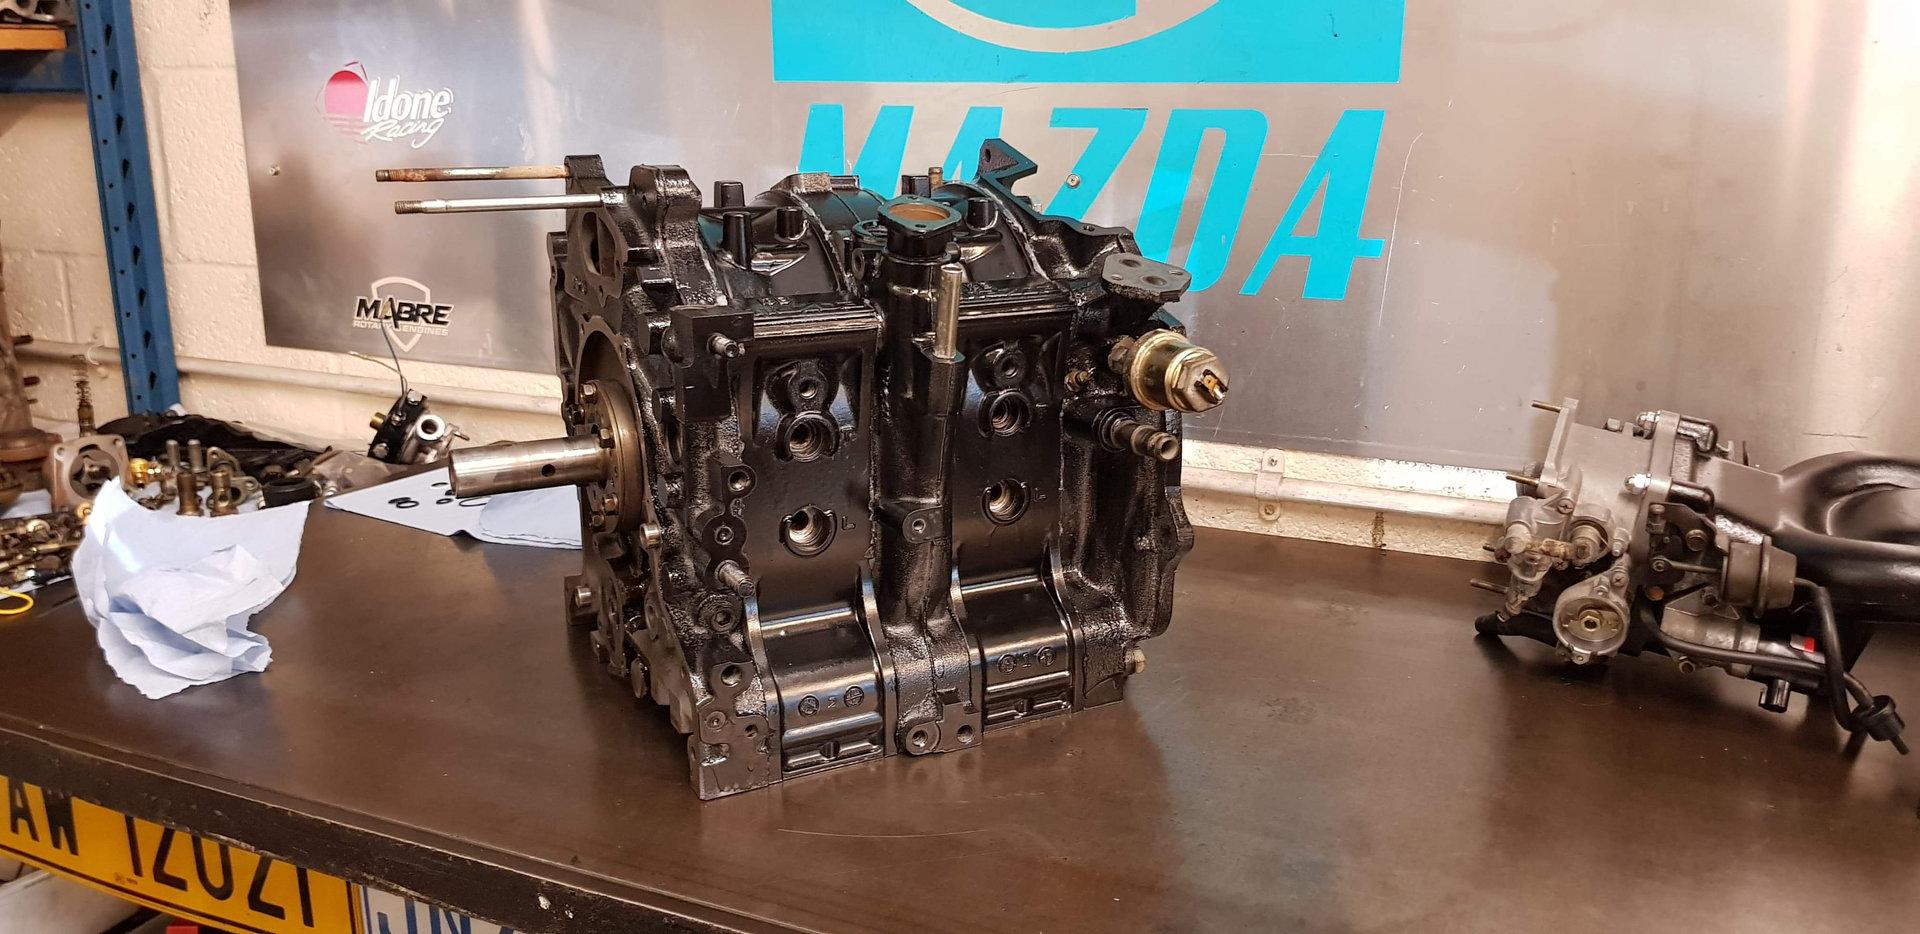 72C94349-C1F4-4D0E-8D09-65B91C096360.jpeg